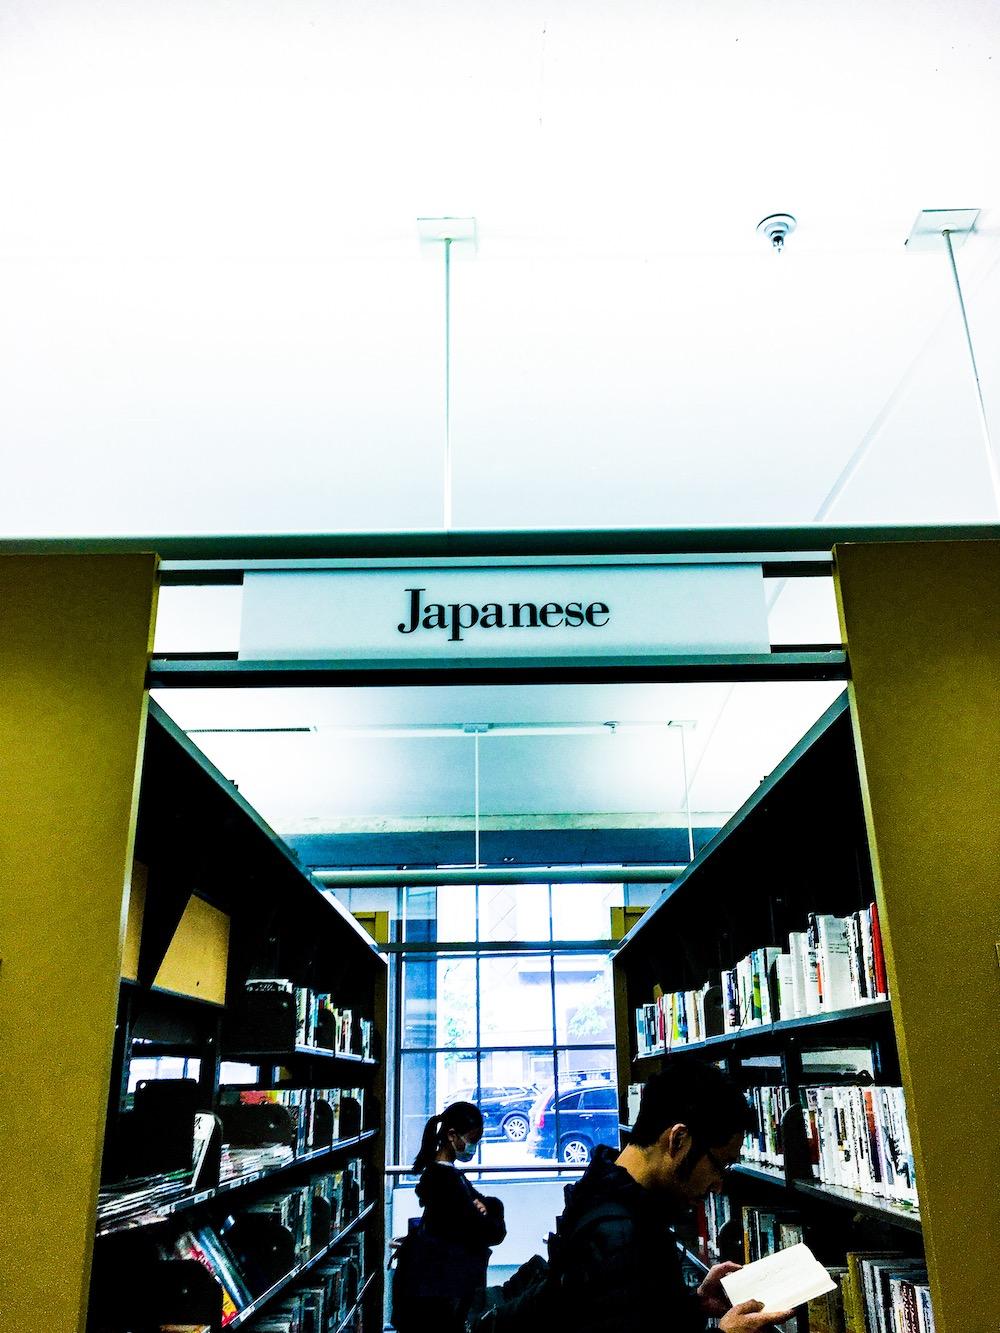 日本語の本が置かれたコーナー